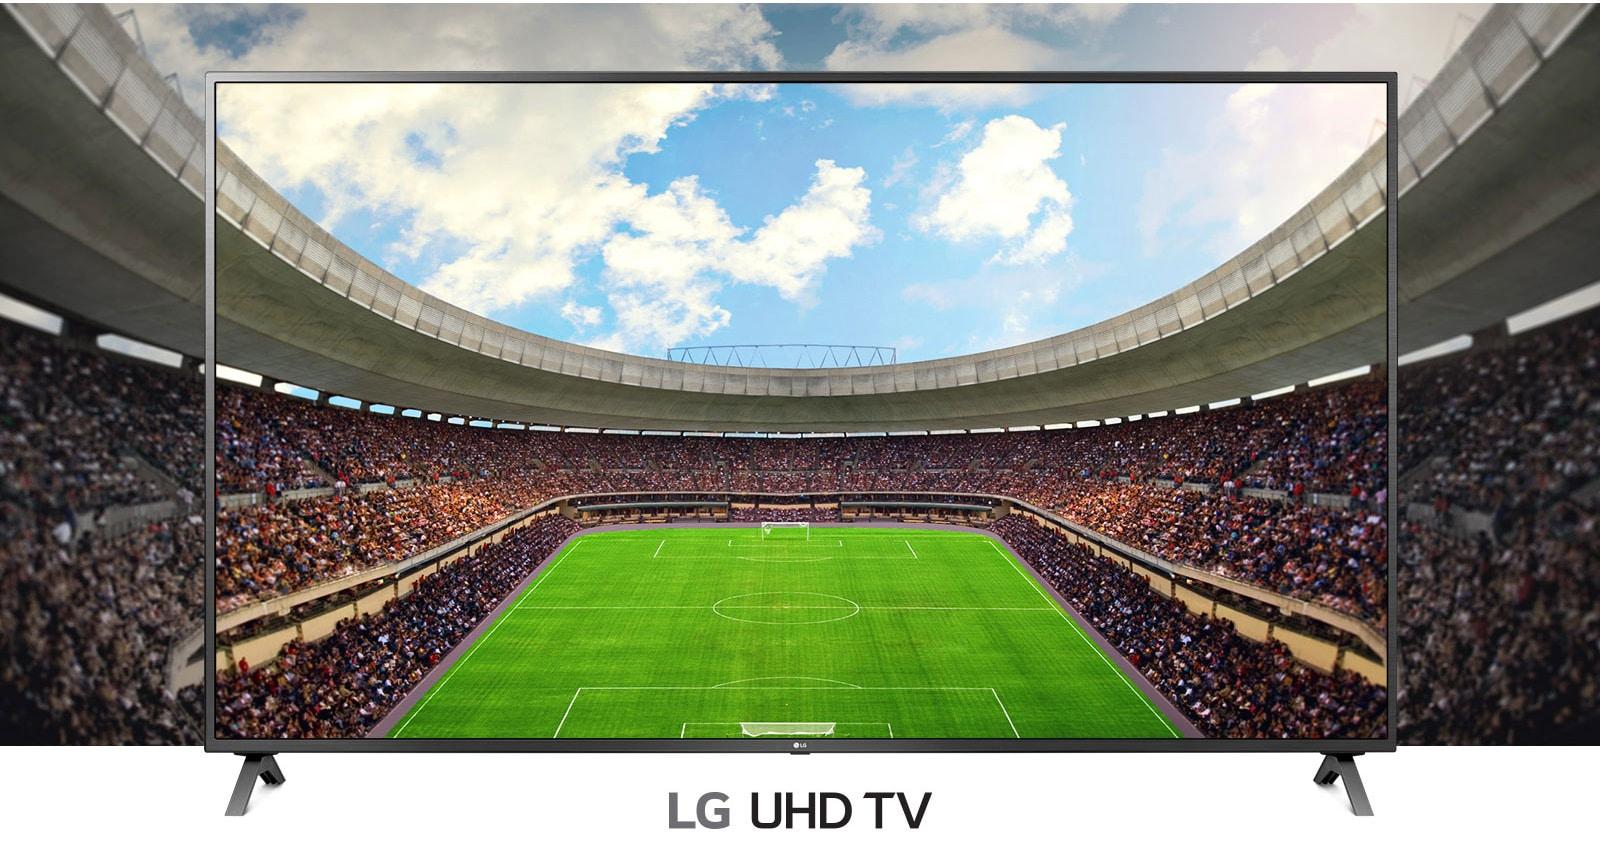 ทีวี 4K ที่แท้จริงเพื่อความบันเทิงทั้งหมดของคุณ1